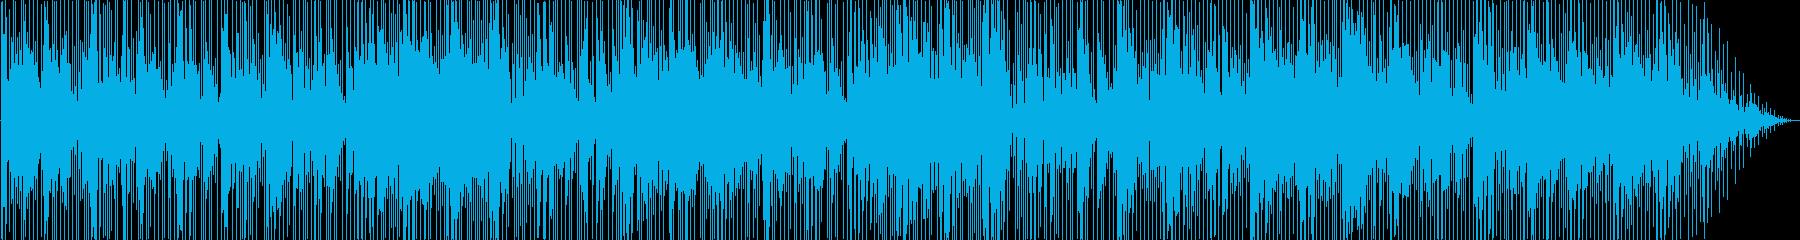 ダイナミックでポップなクラシックの...の再生済みの波形